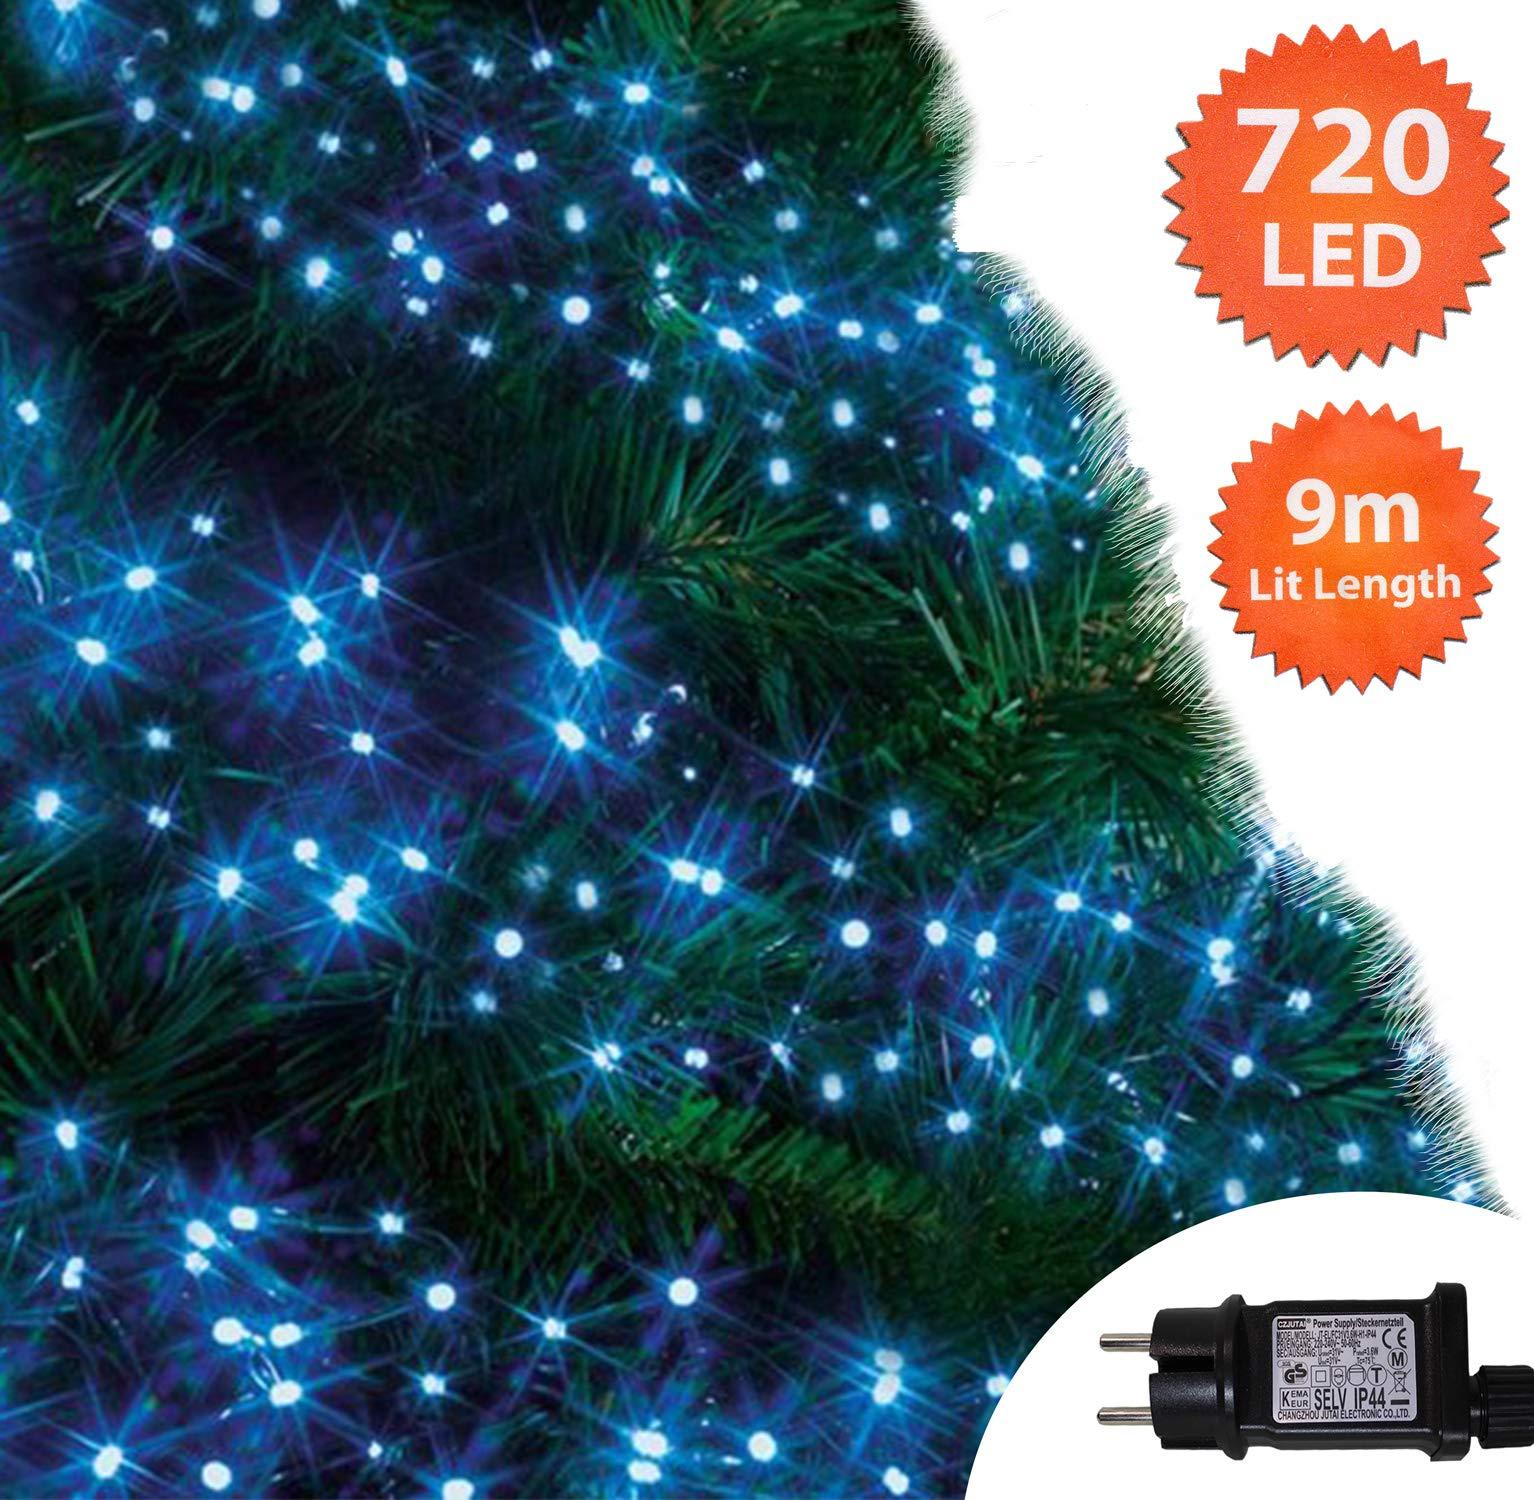 750313c86c9 Luces de clúster Luces de árbol azul 720 LED Luces de cadena navideñas para  interiores y exteriores 9M   30 pies Longitud encendida con cable conductor  de ...